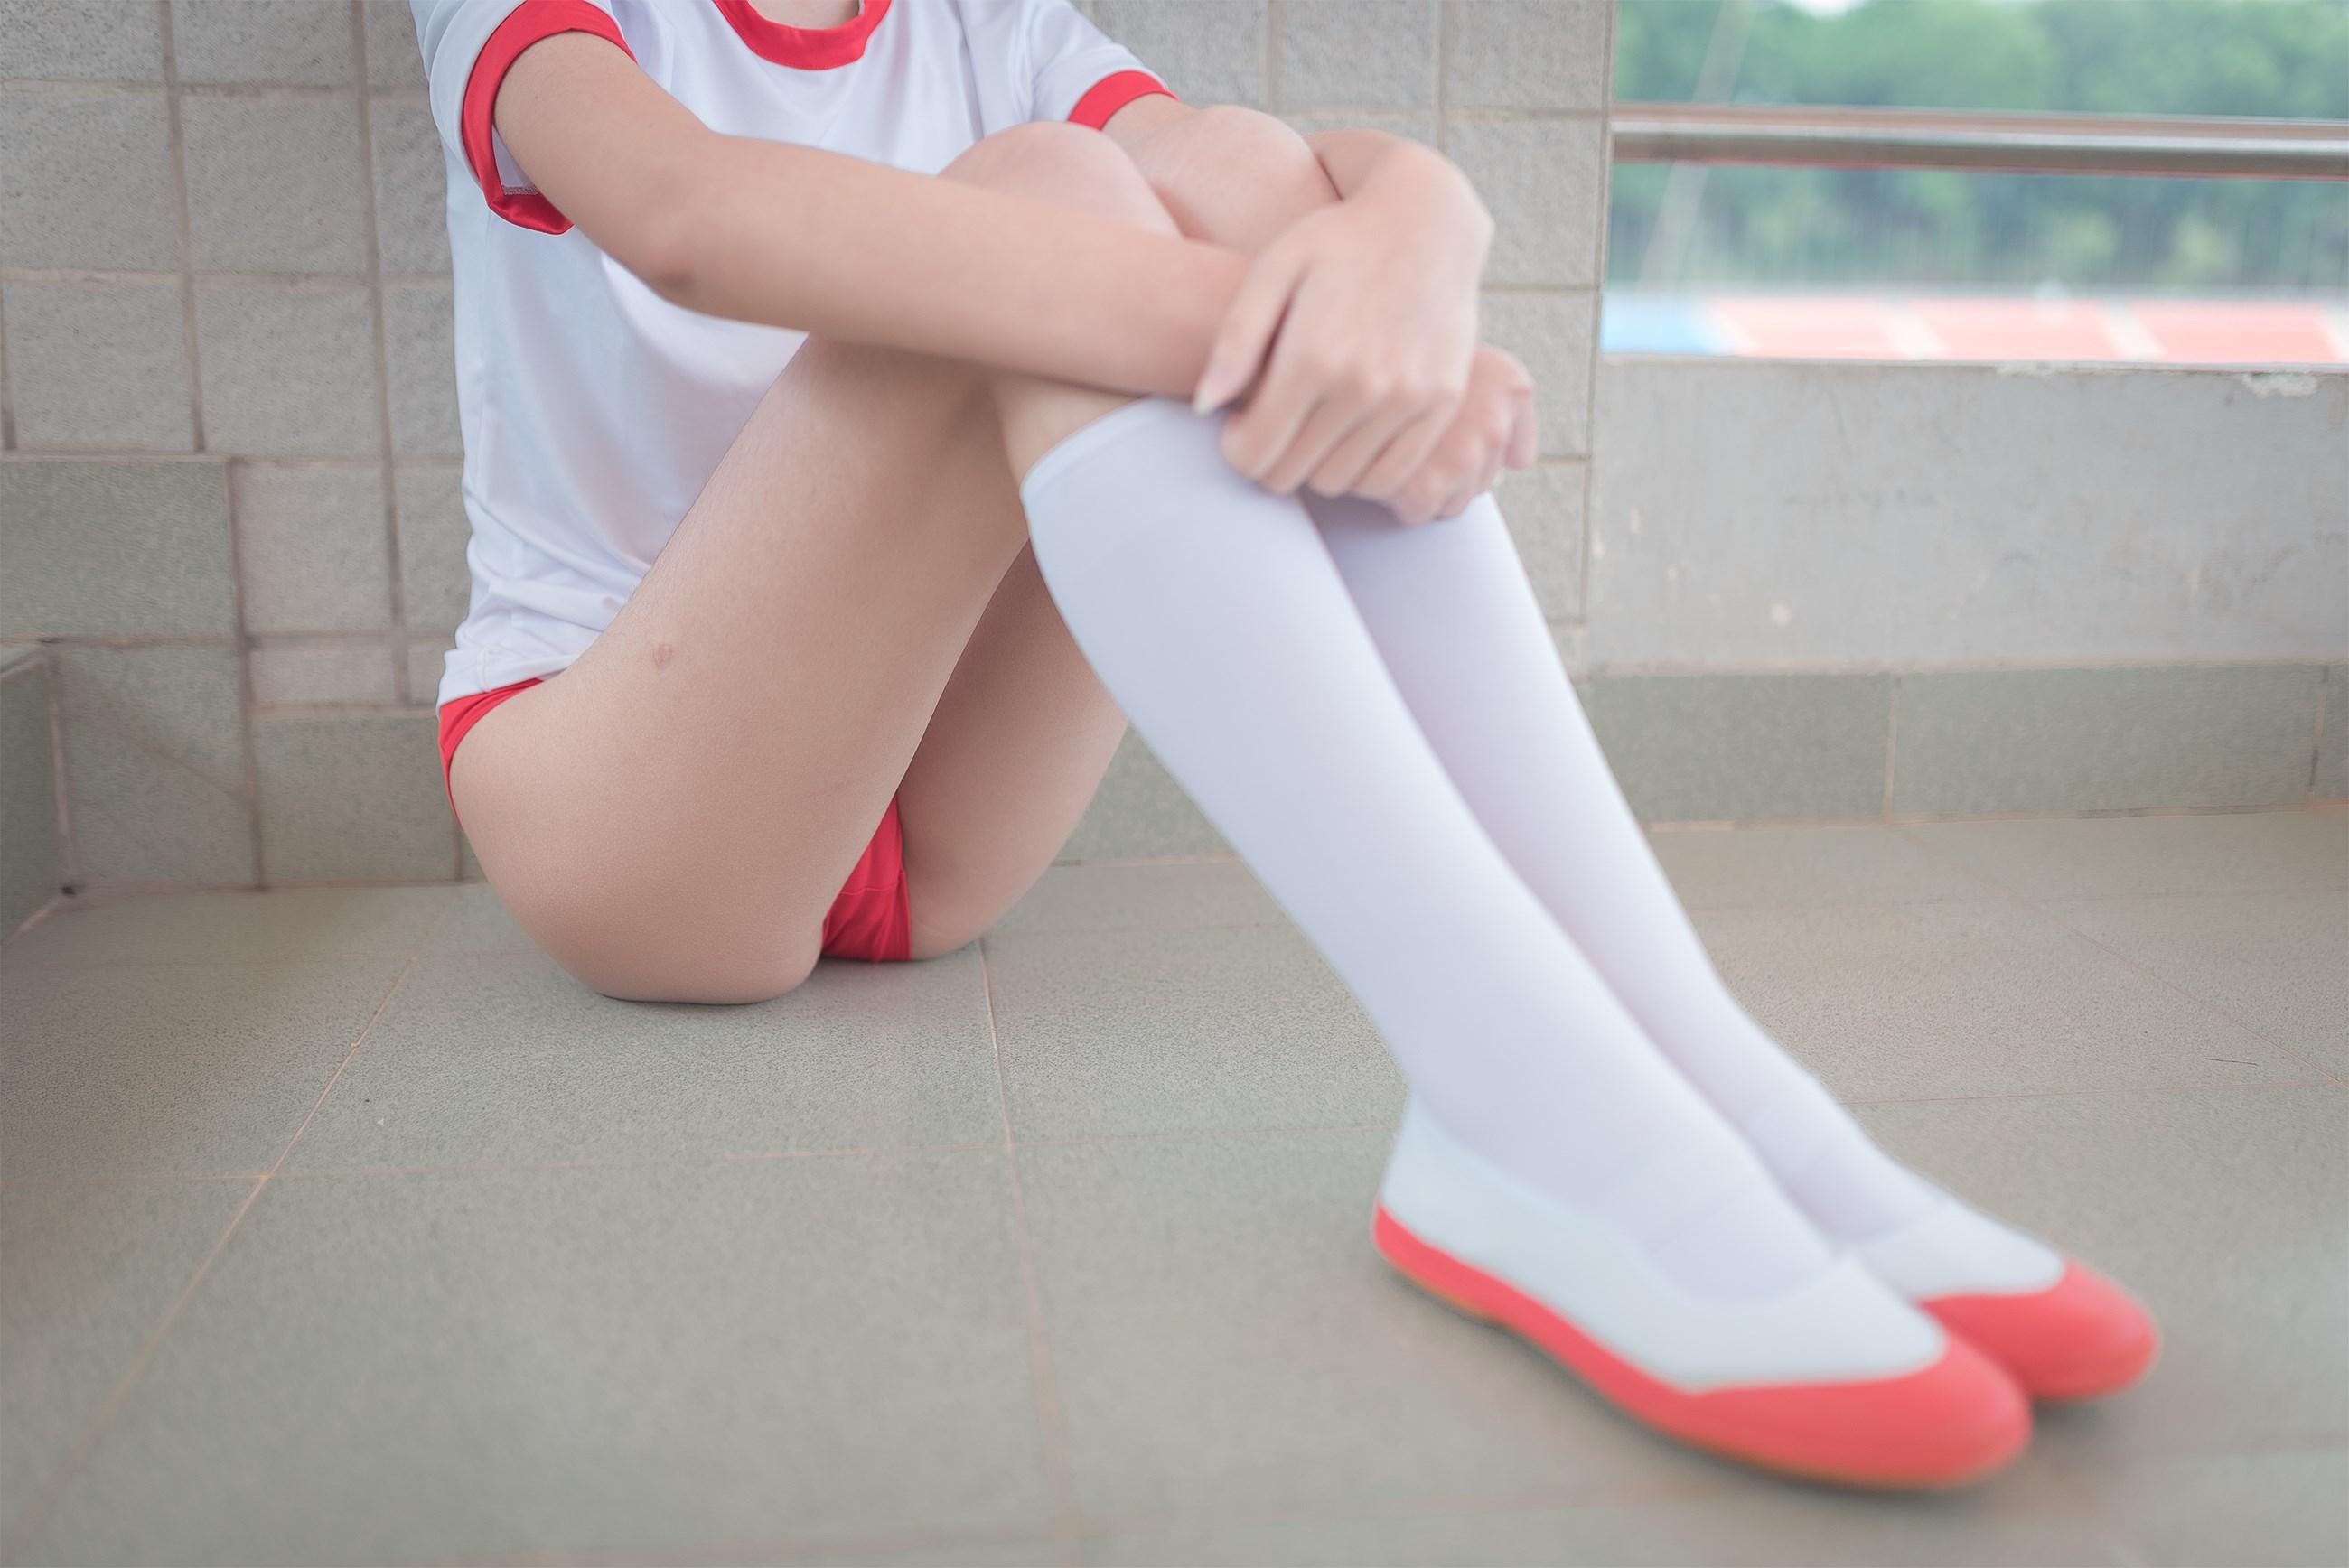 【兔玩映画】百合体操服少女 兔玩映画 第17张